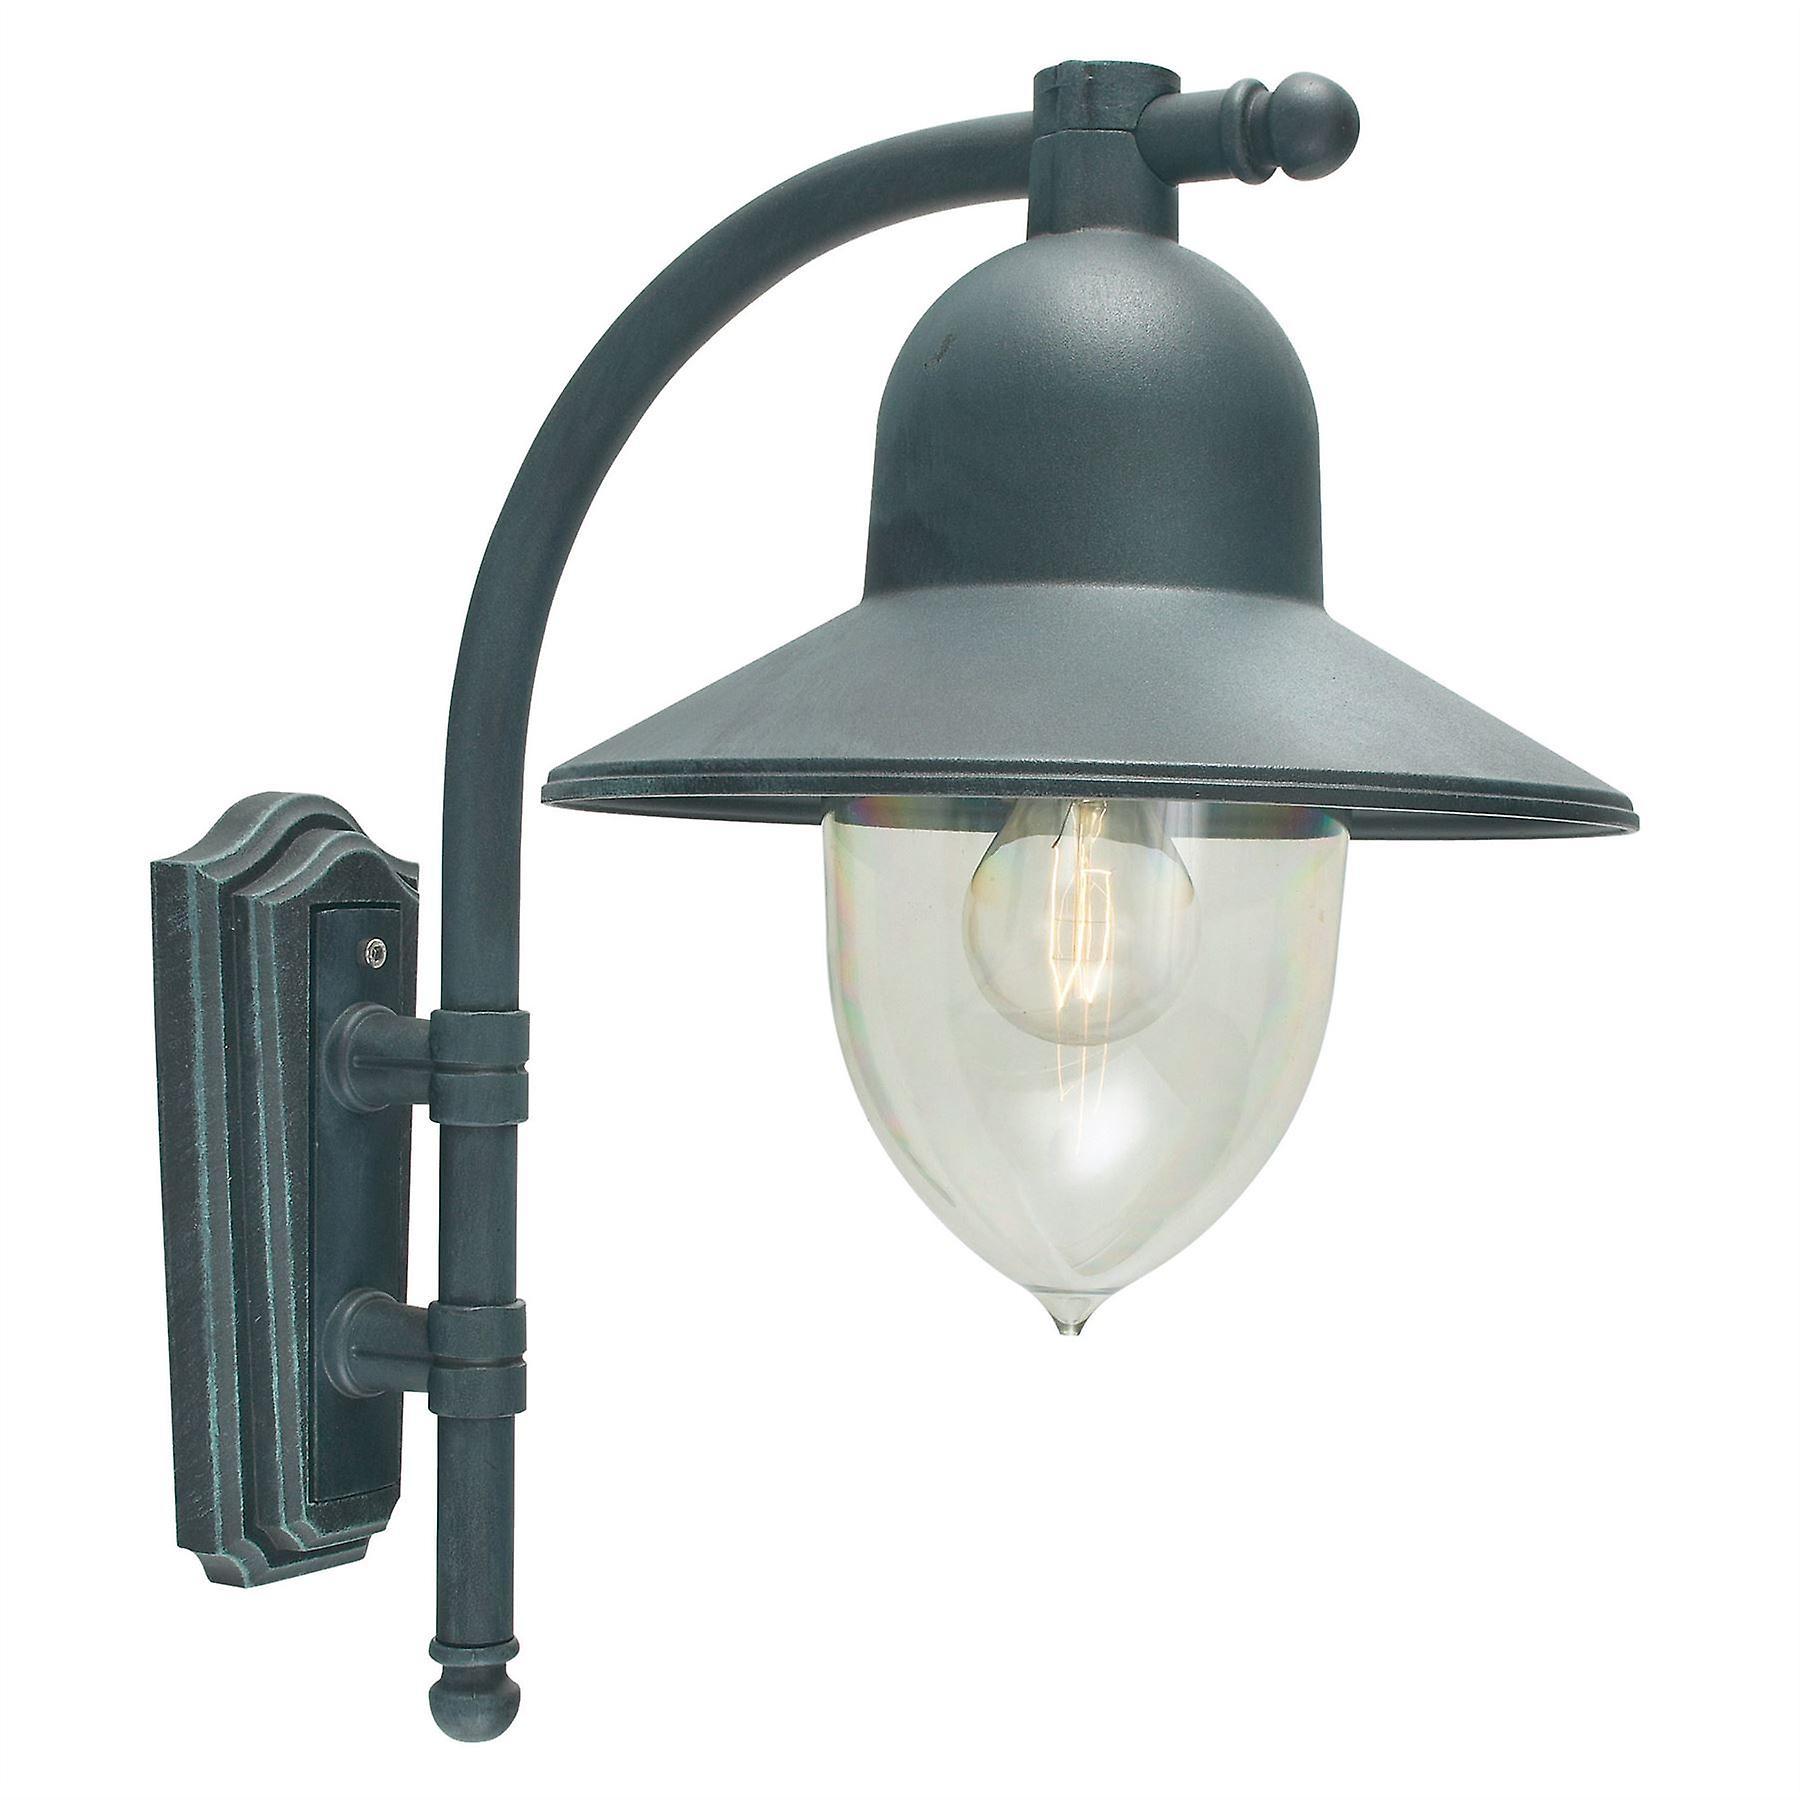 Como Outdoor Wall Lantern - Elstead Lighting C2 VERDI